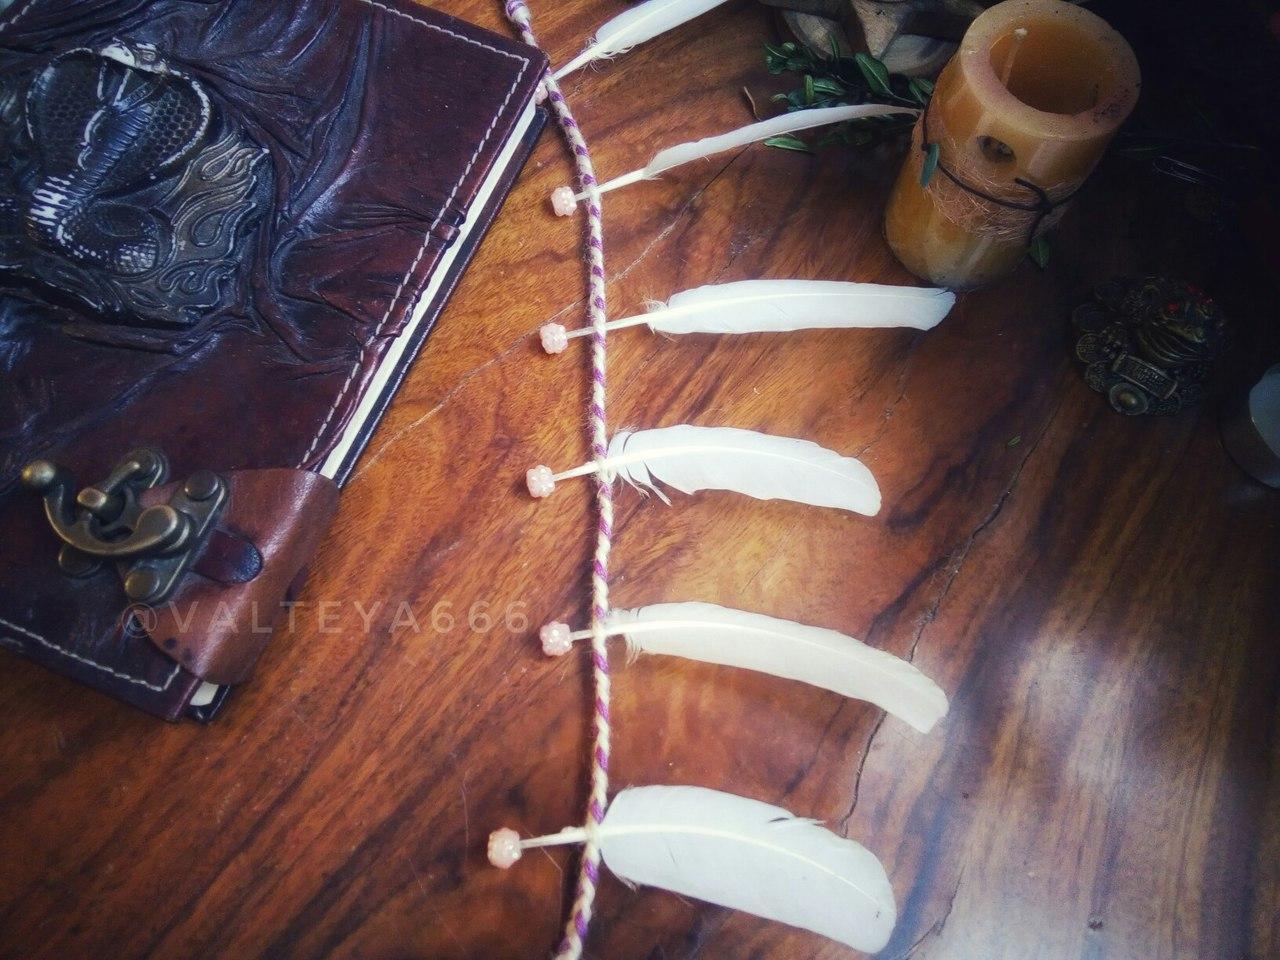 Талисманы и амулеты из перьев, дерева ( веточек, камней и т.д.). Ведьмина лестница. Магнит удачи. P2CK880UVlc